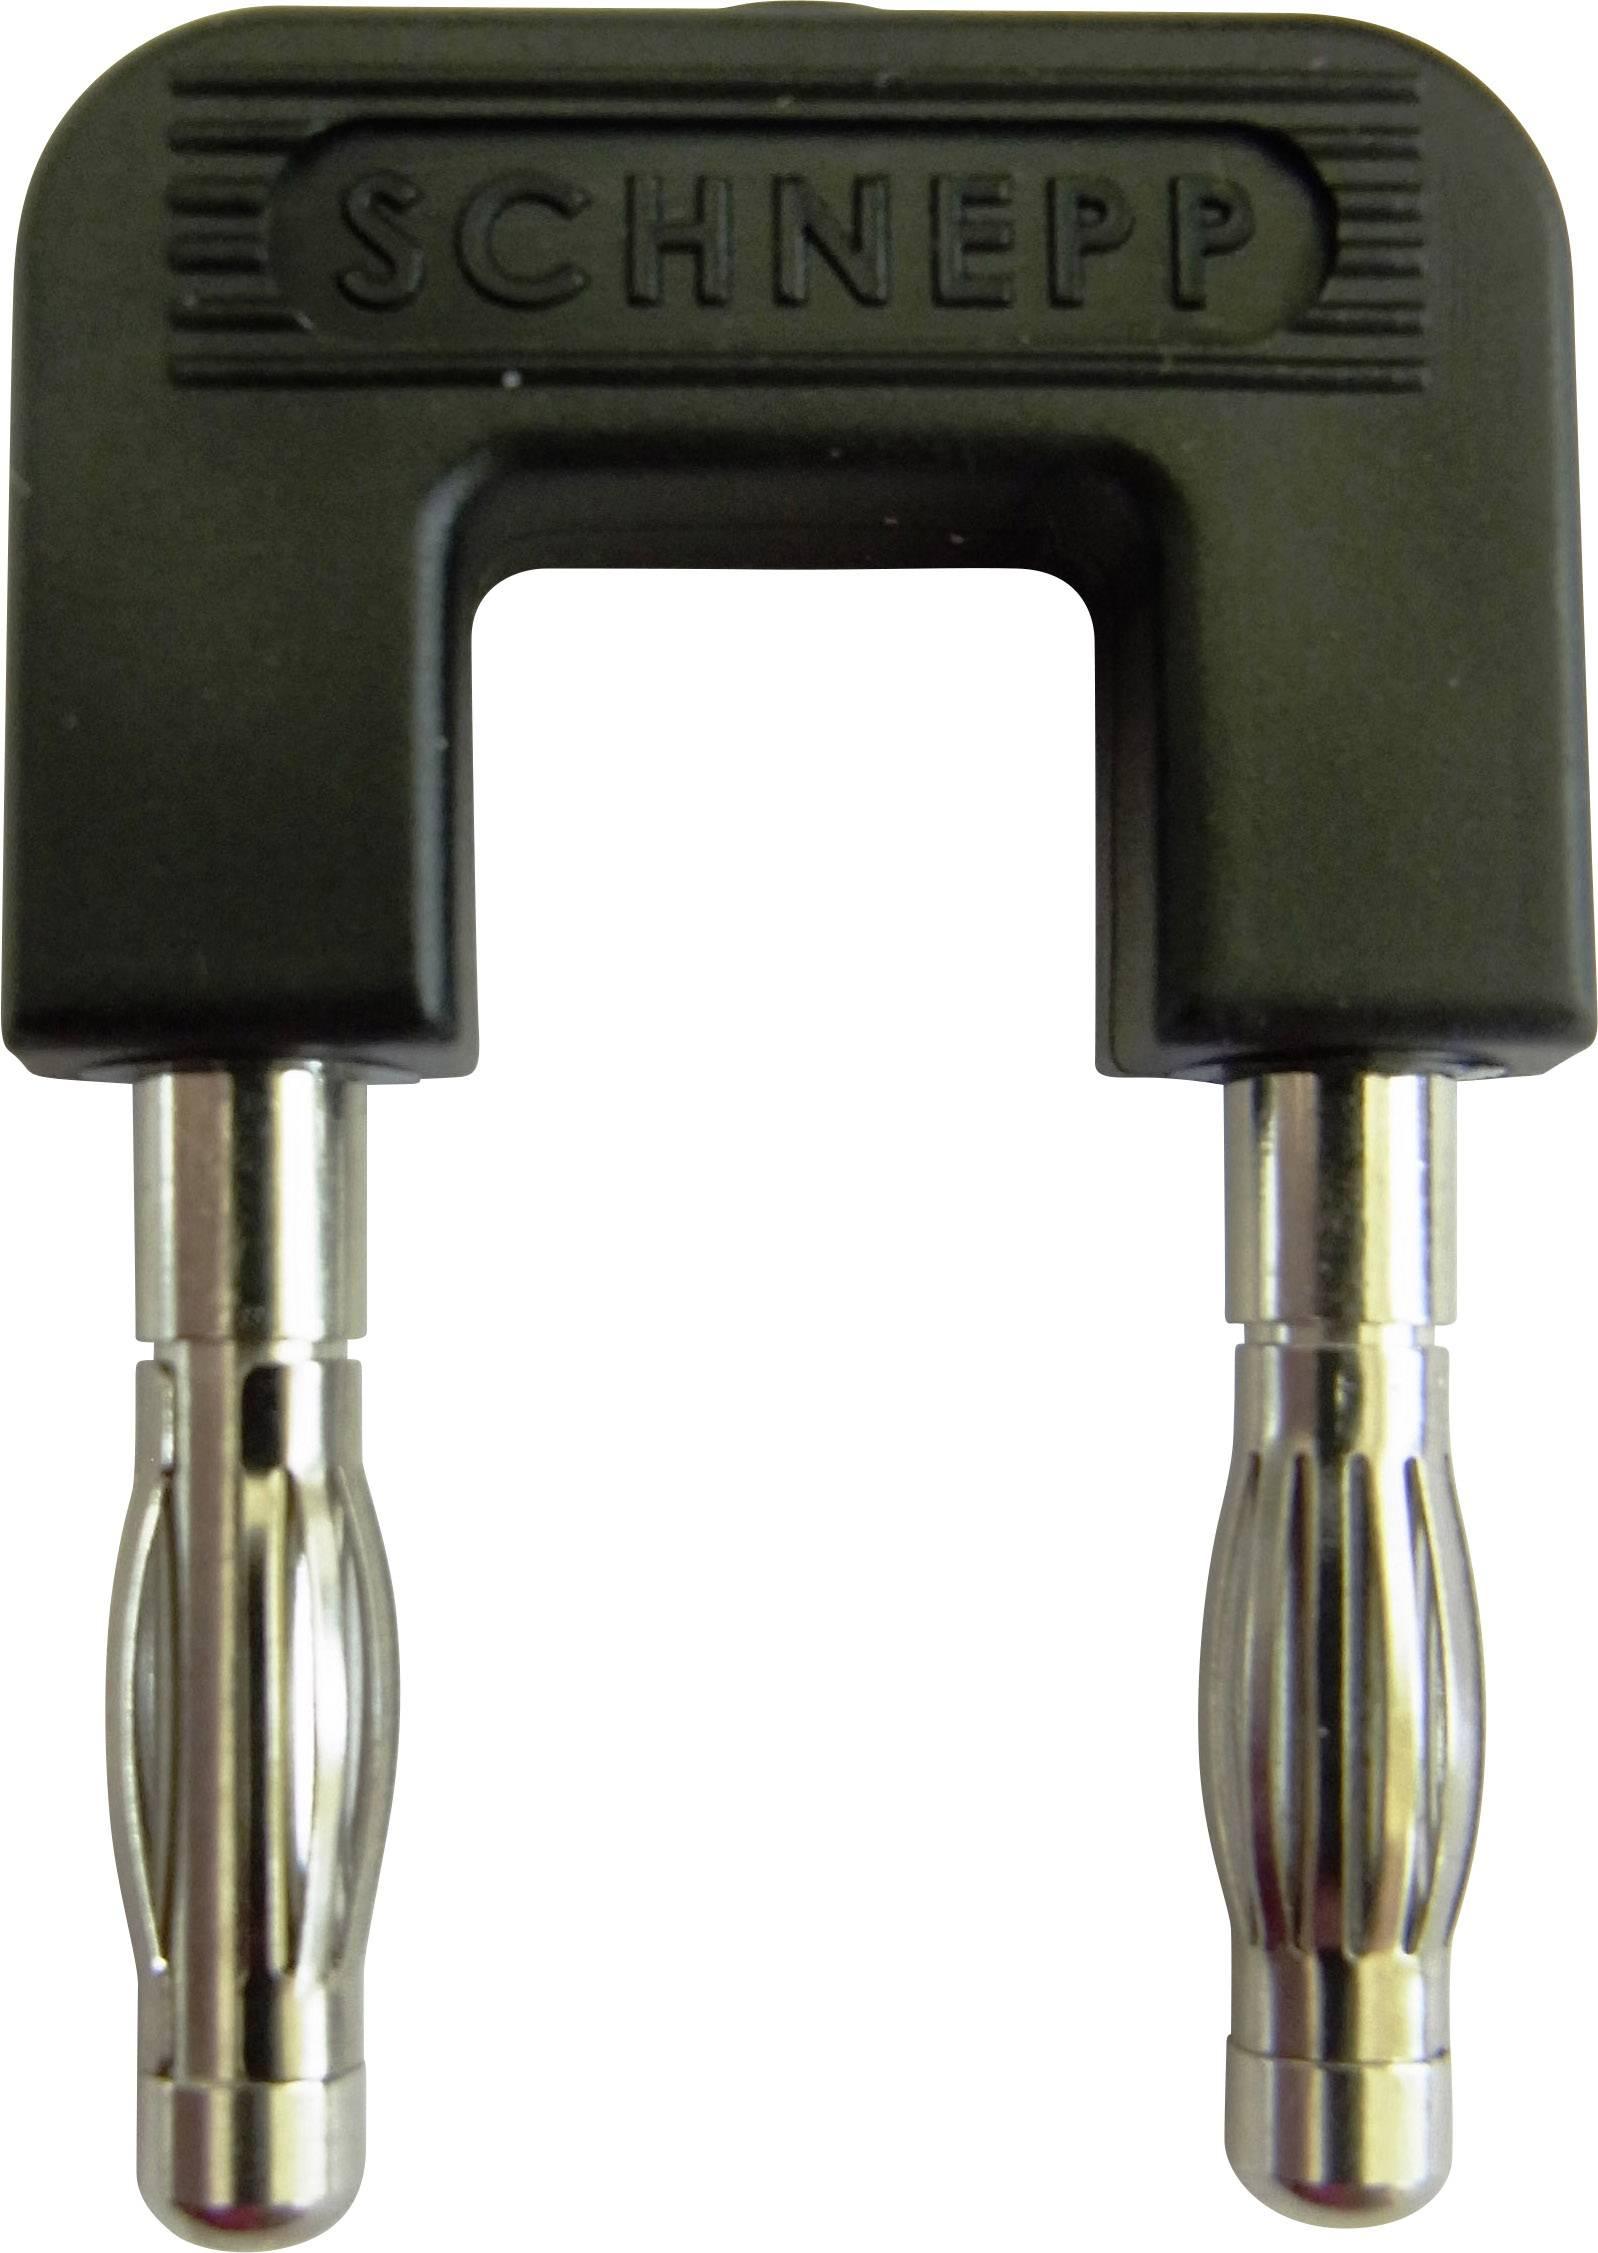 Zkratovací můstek Schnepp 19/4sw, Ø pin 4 mm, rozteč 19 mm, černá, 1 ks